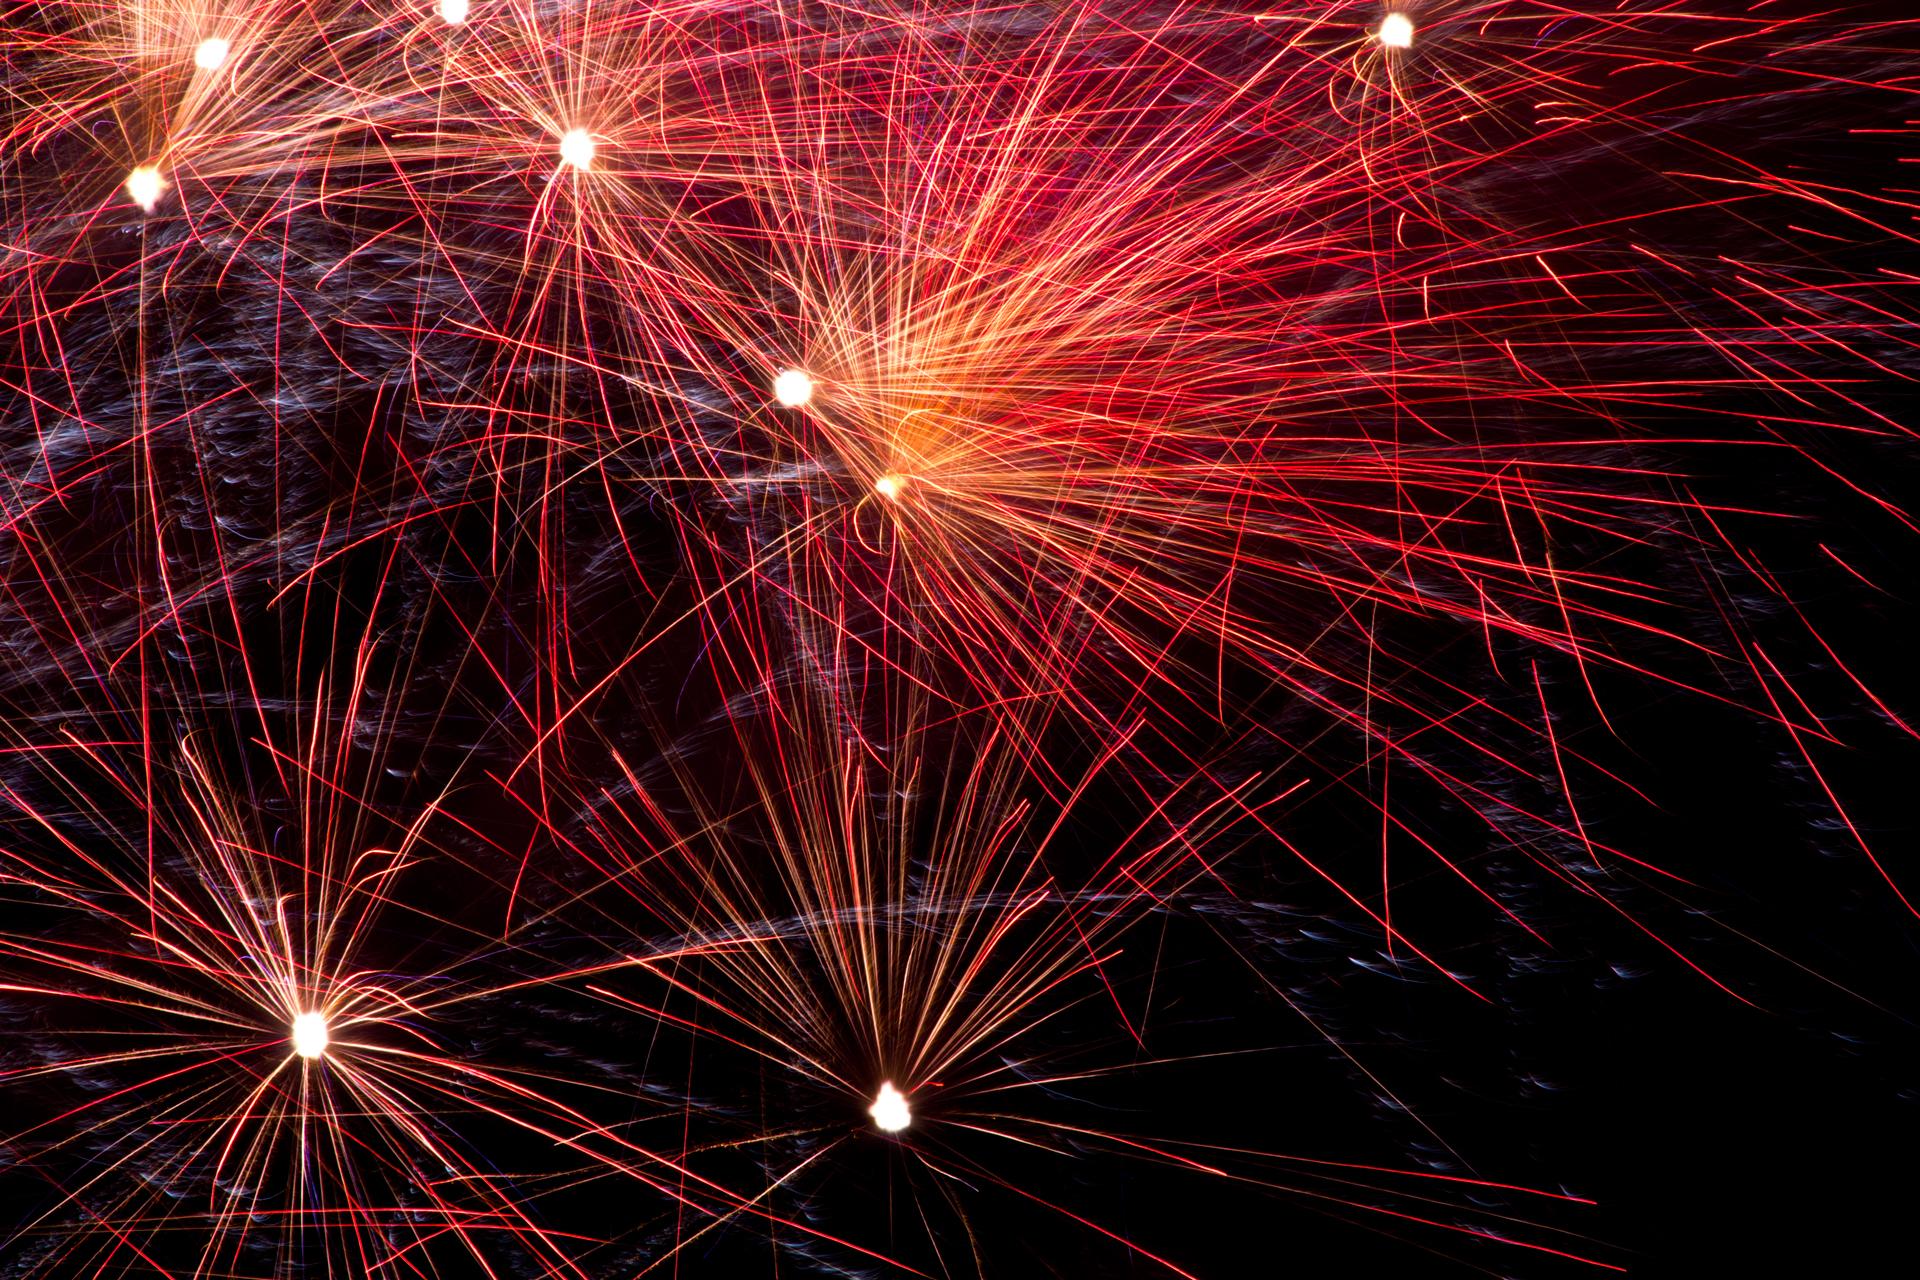 Fireworks0_IMG_2693.jpg